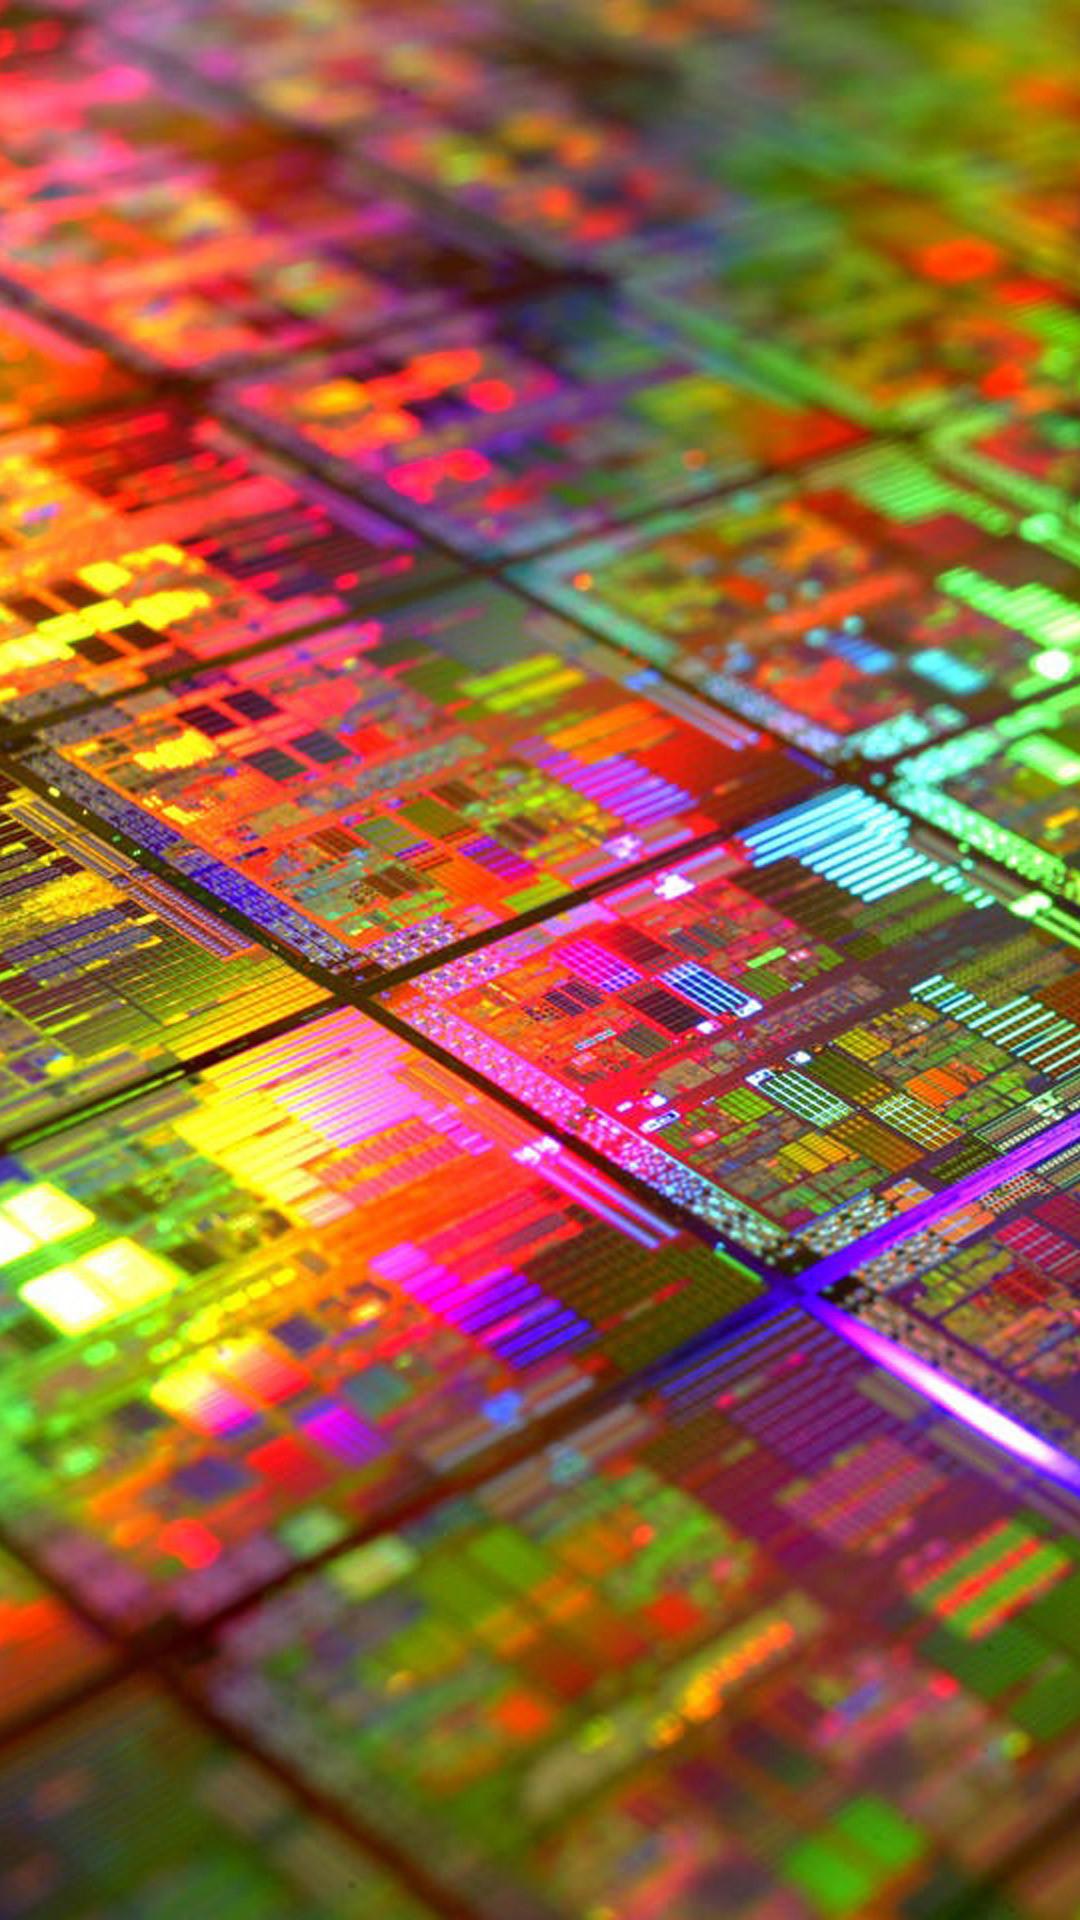 circuit board wallpaper 67 images